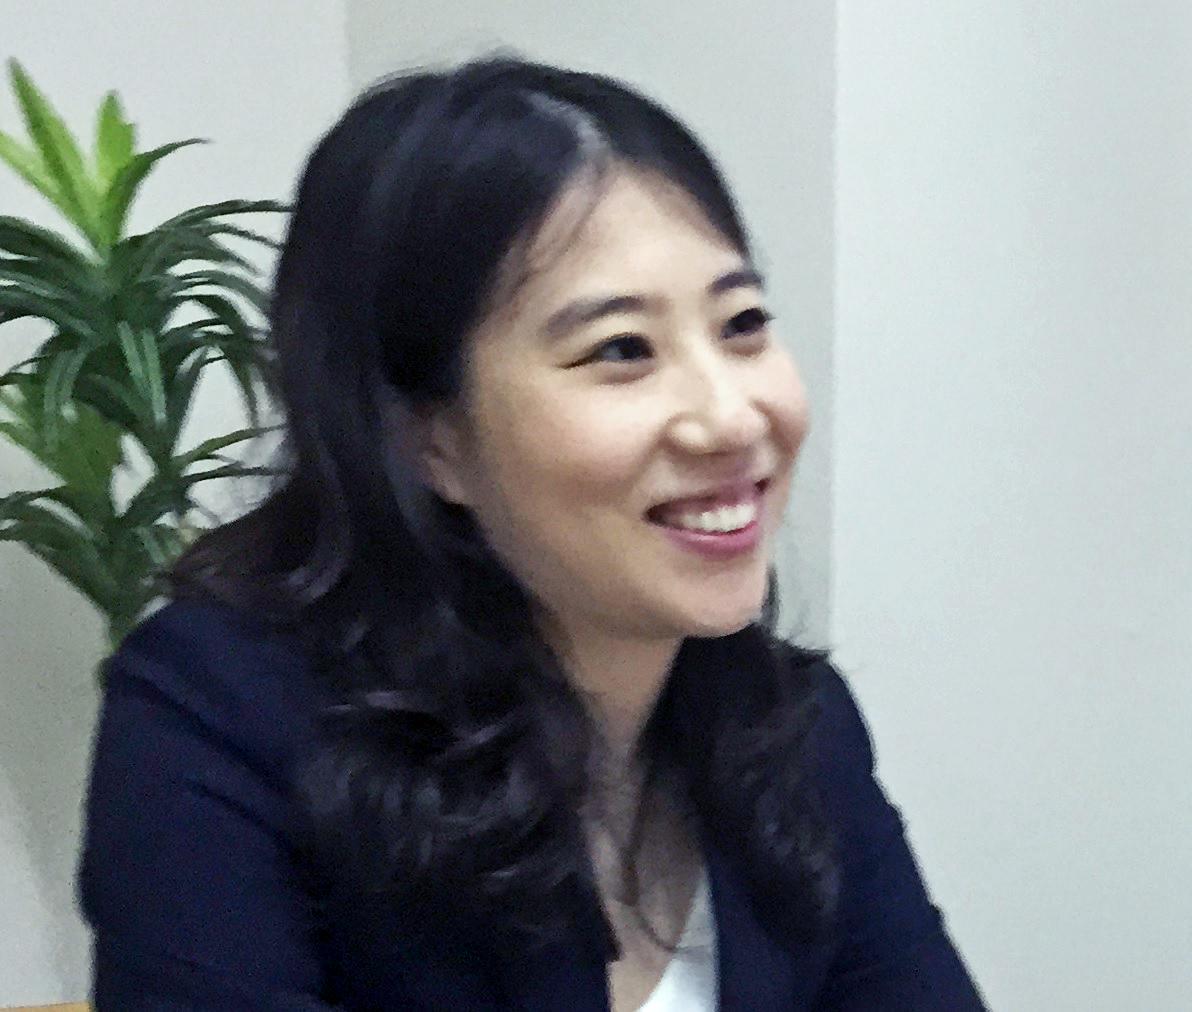 橋場 優子(はしば ゆうこ)